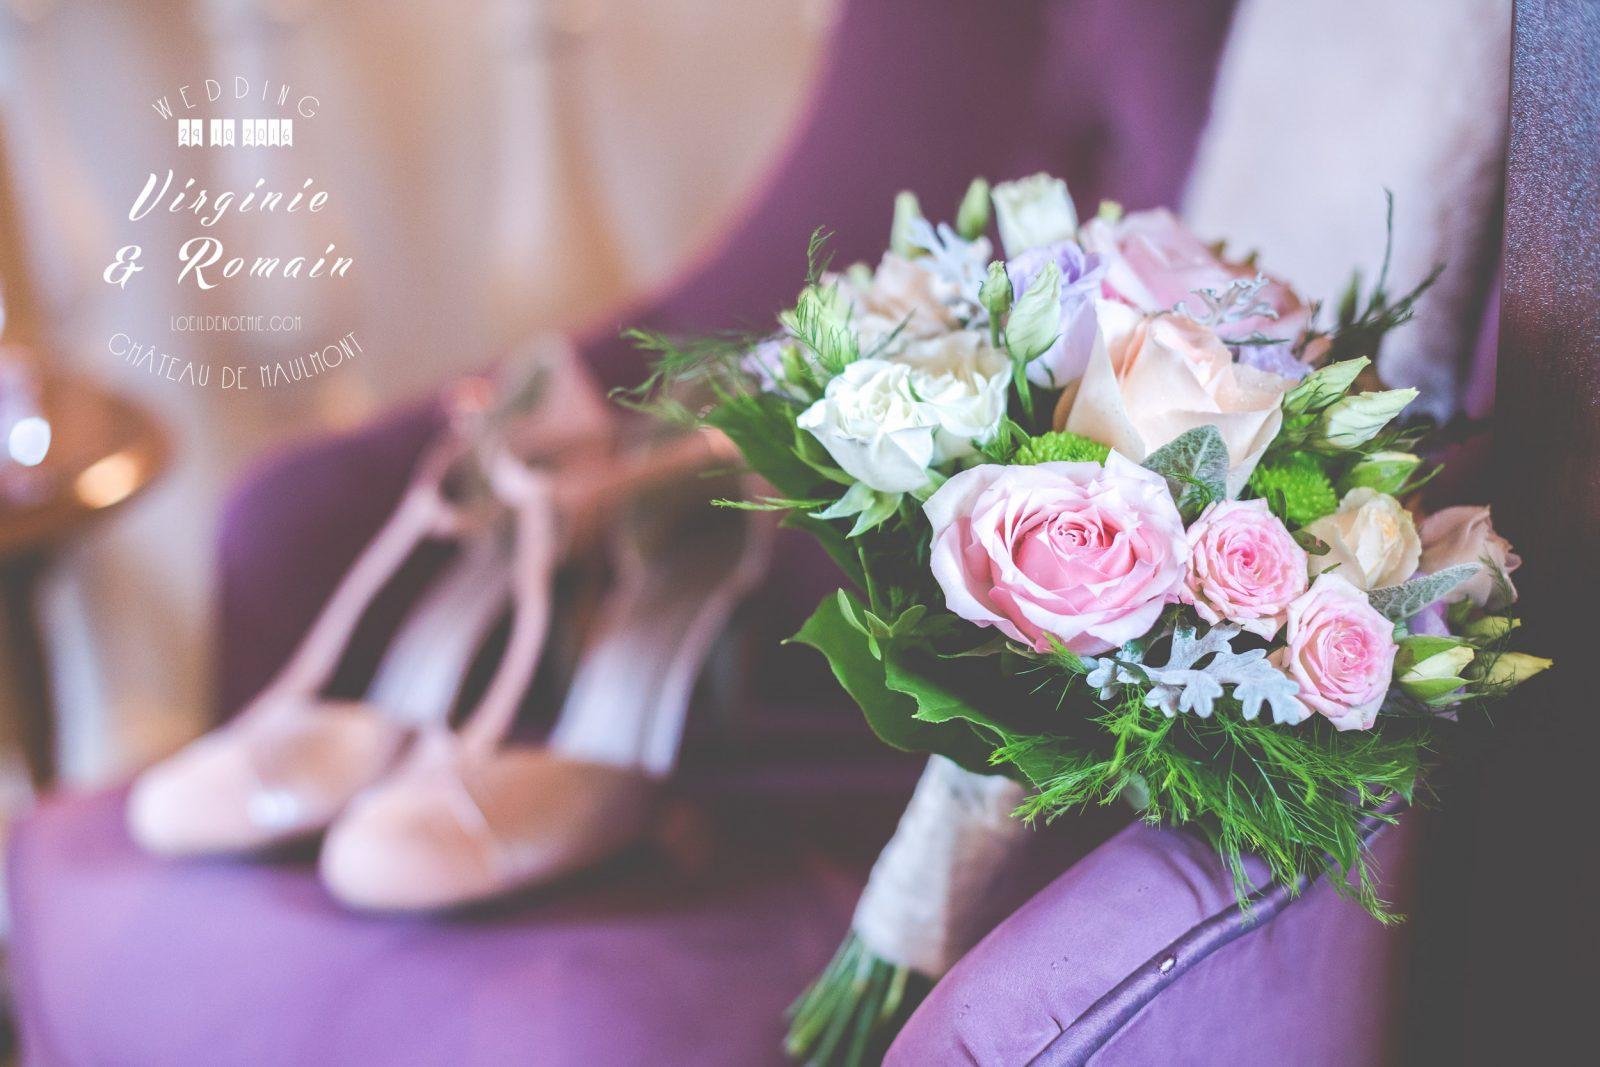 wedding award, belle photo soirée mariage, L'oeil de Noémie photographe mariage à Clermont-Ferrand en Auvergne